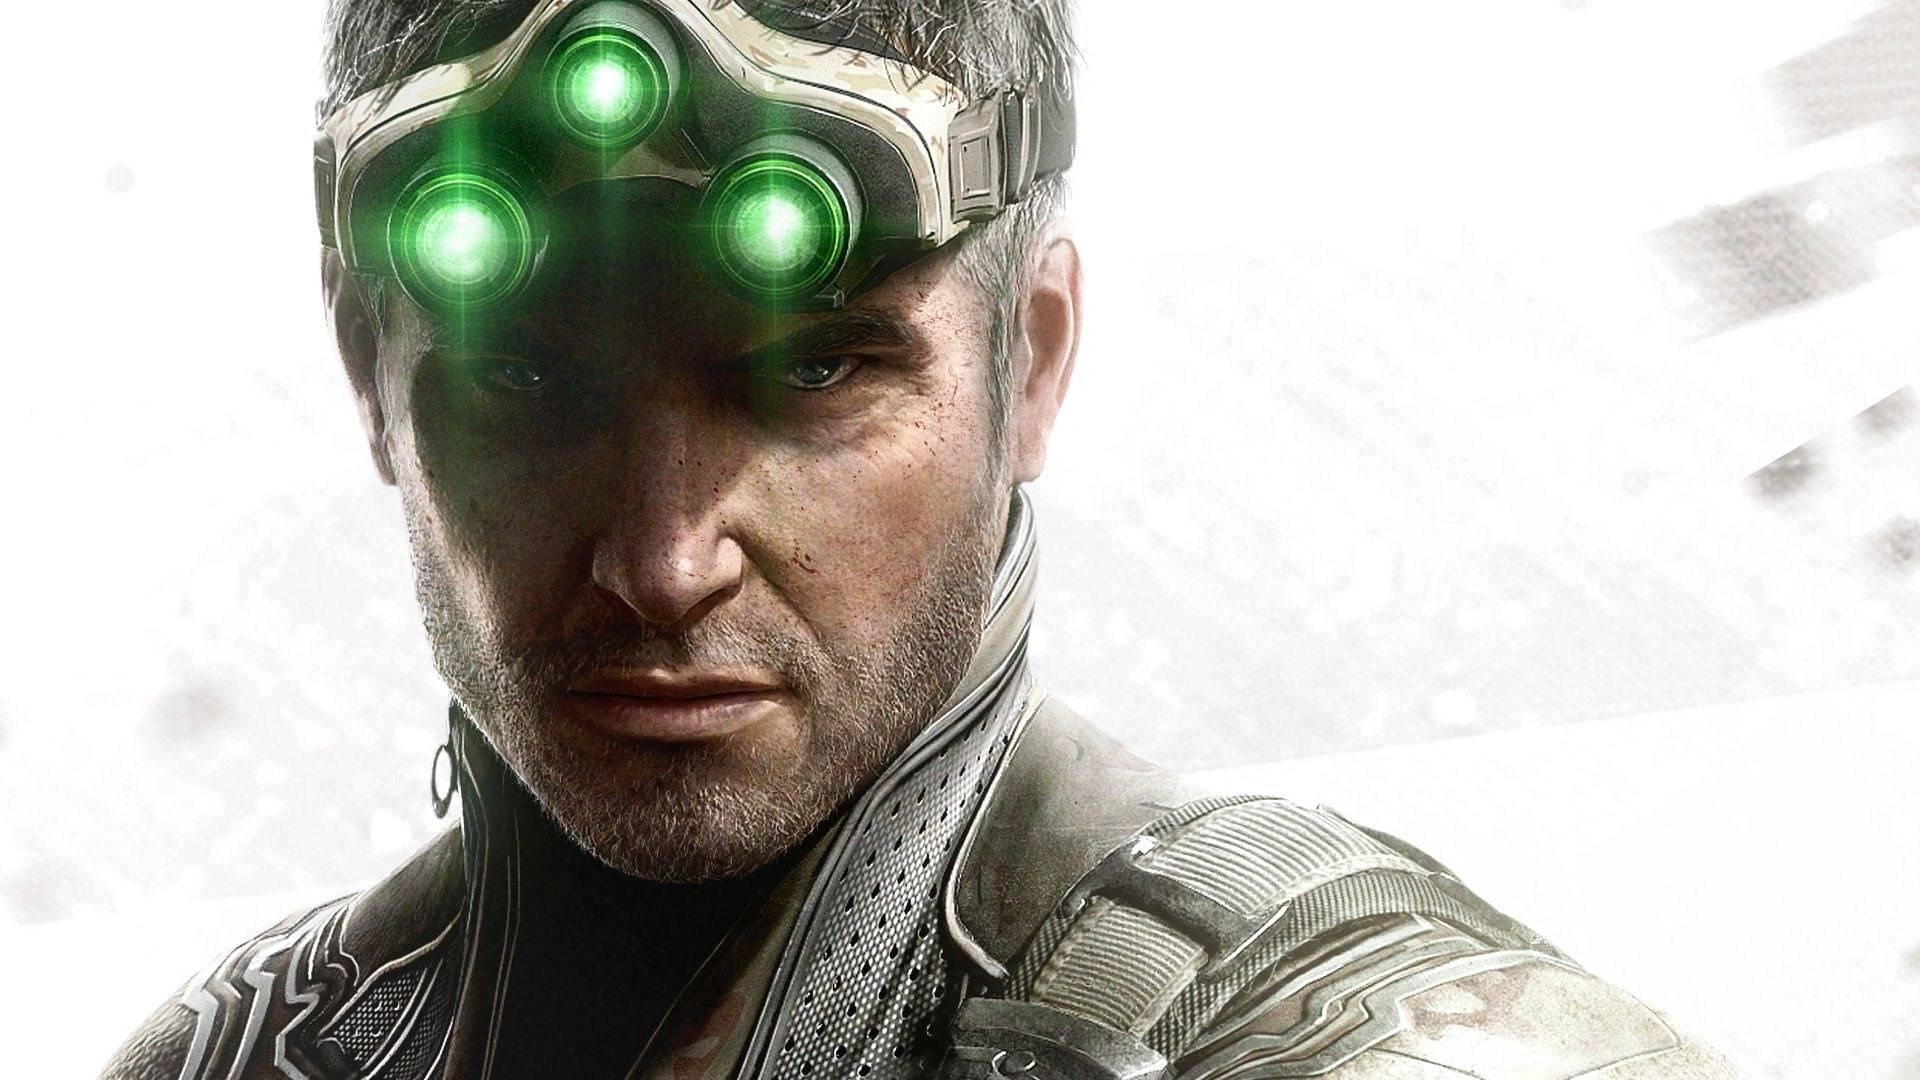 Splinter Cell: Die Serie entwickelt sich immer noch weiter